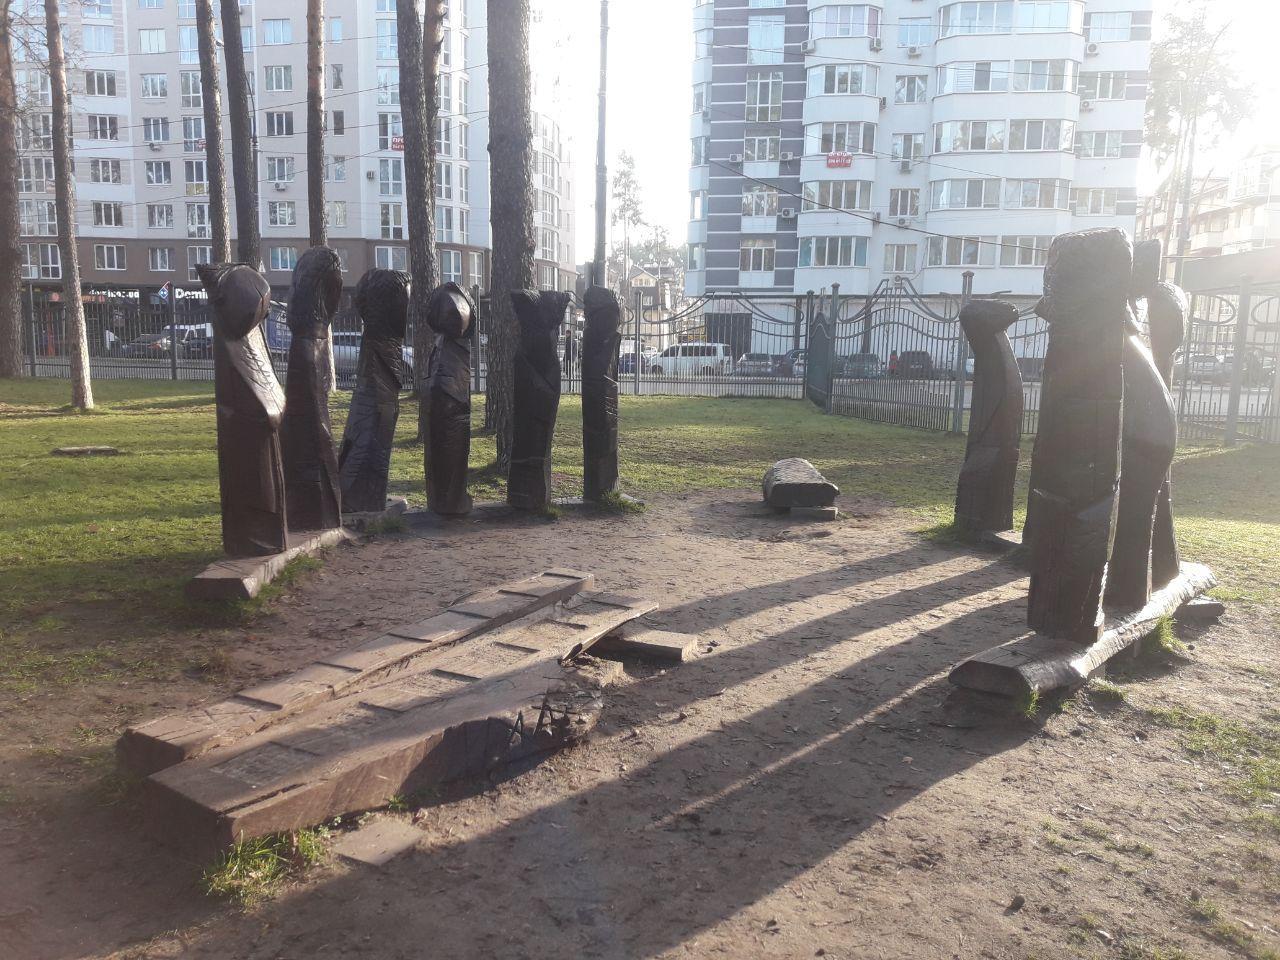 Відголоски трагедії: чи потрібні в Центральному парку Ірпеня дерев'яні скульптури? -  - photo 2020 03 11 14 32 42